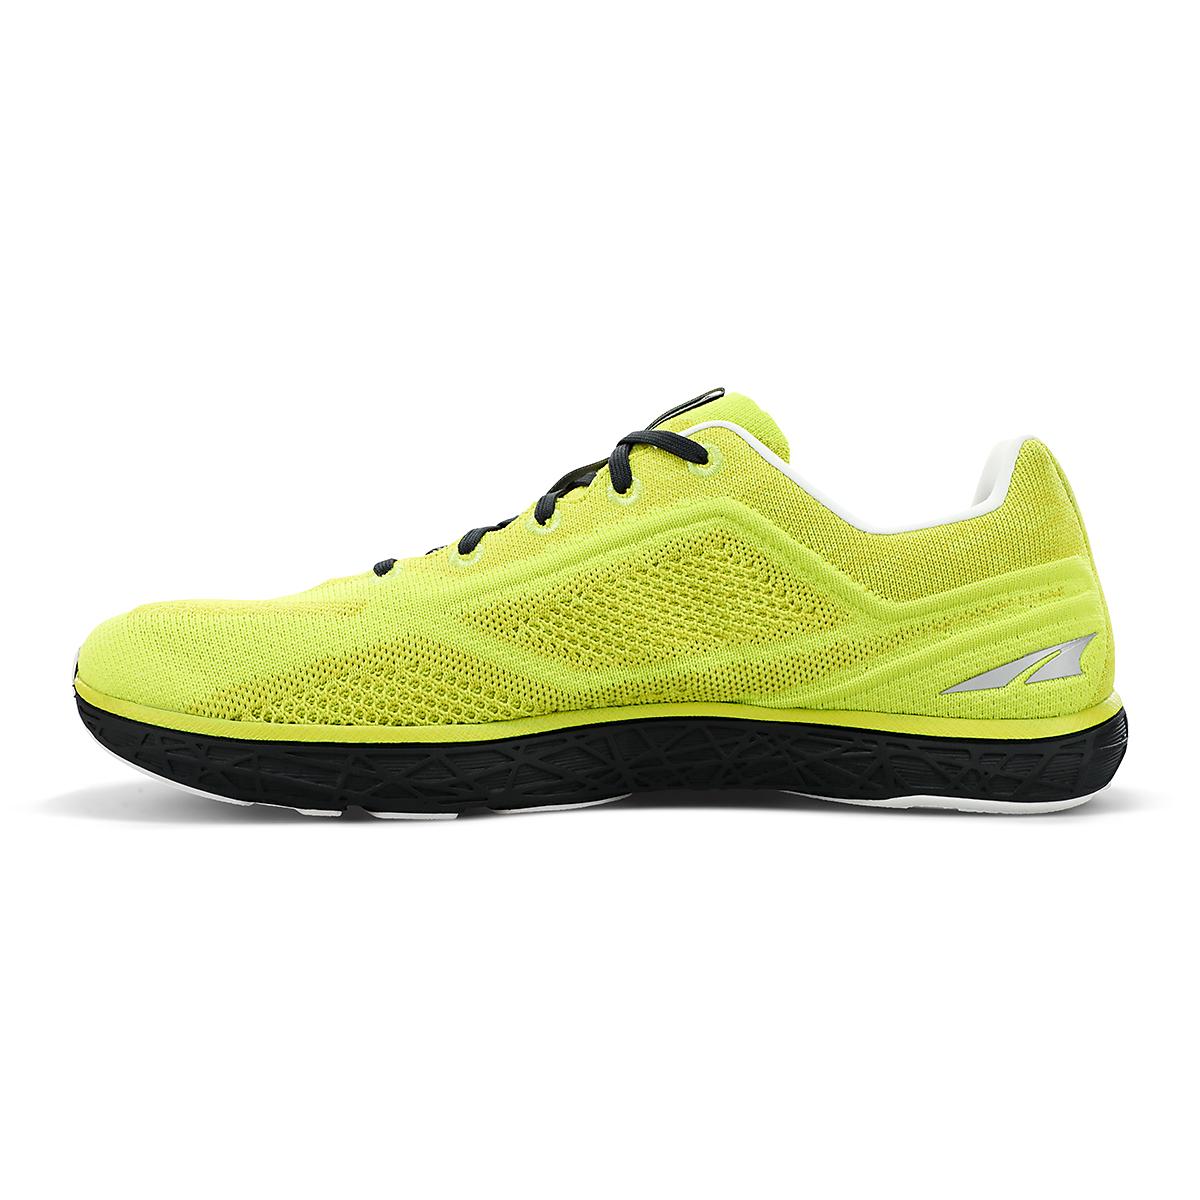 Men's Altra Escalante 2.5 Running Shoe - Color: Lime/Black - Size: 7 - Width: Regular, Lime/Black, large, image 2